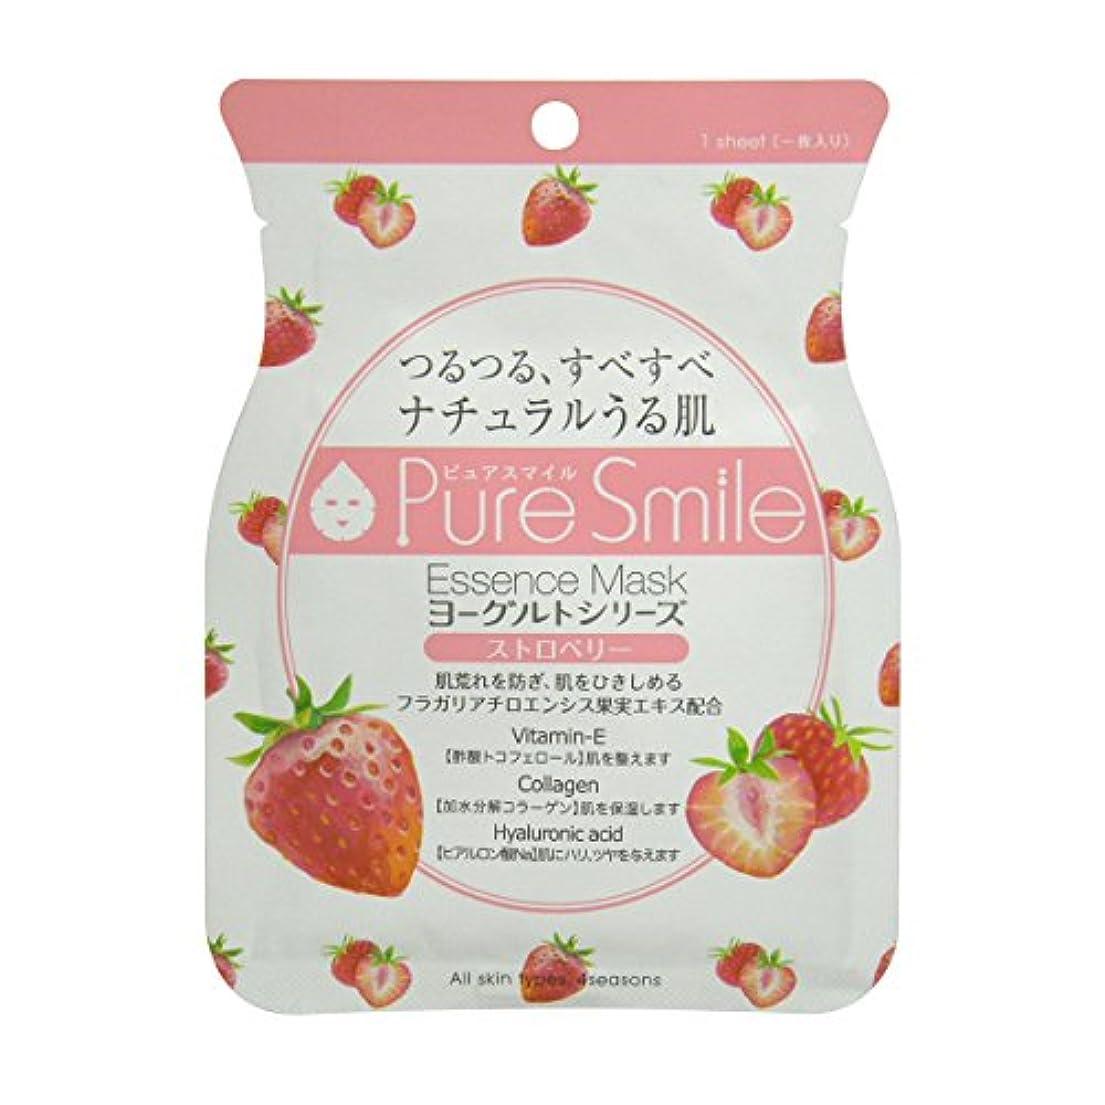 ほんの胴体外側Pure Smile エッセンスマスク ヨーグルトシリーズ ストロベリー 23ml?30枚